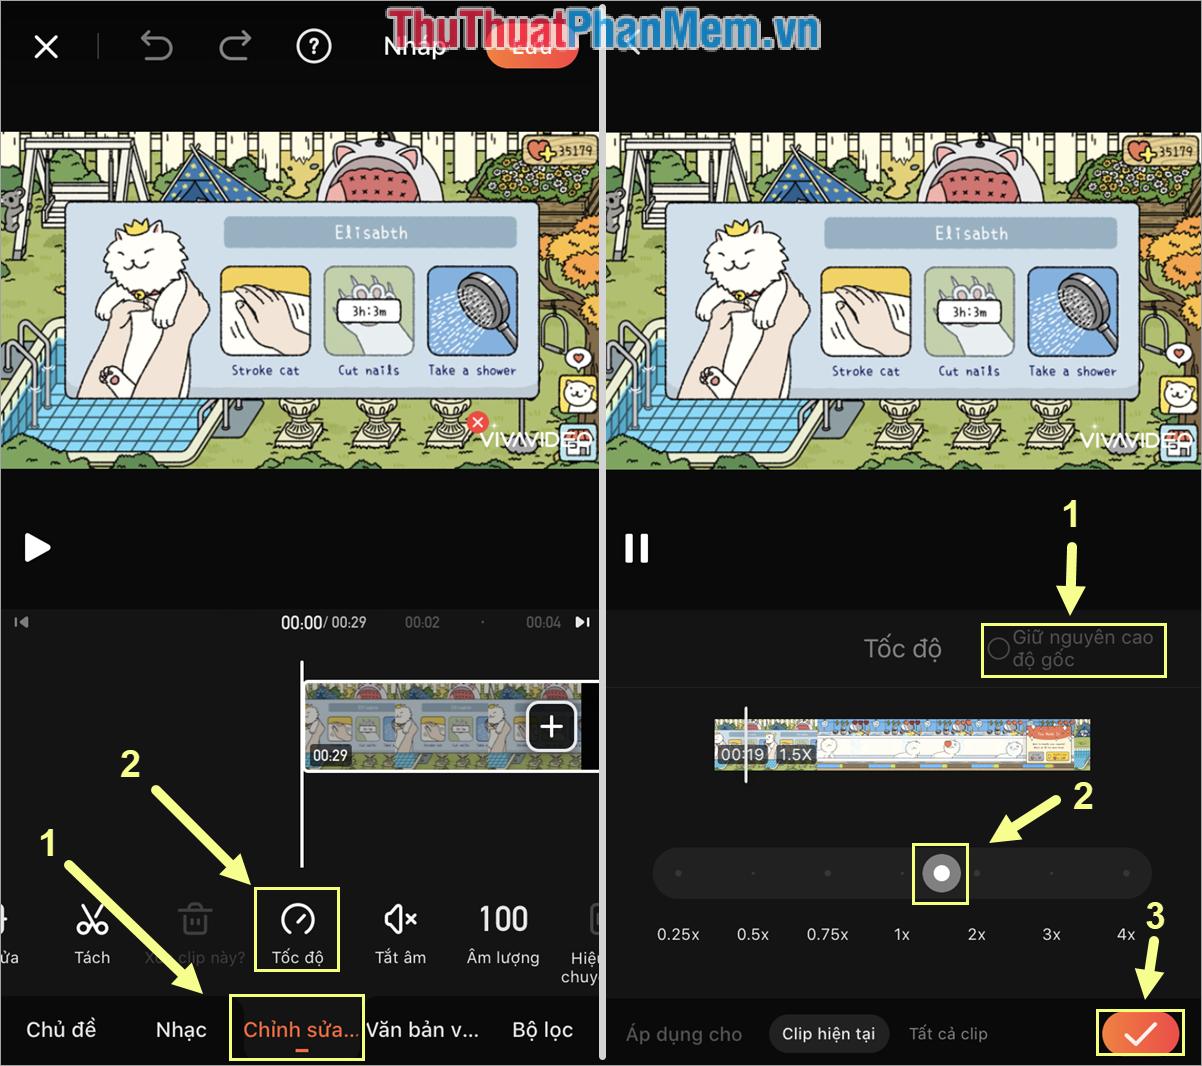 Sau khi điều chỉnh xong, phần mềm sẽ cho các bạn xem thử Video và khi các bạn ưng ý thì các bạn chọn Hoàn tất